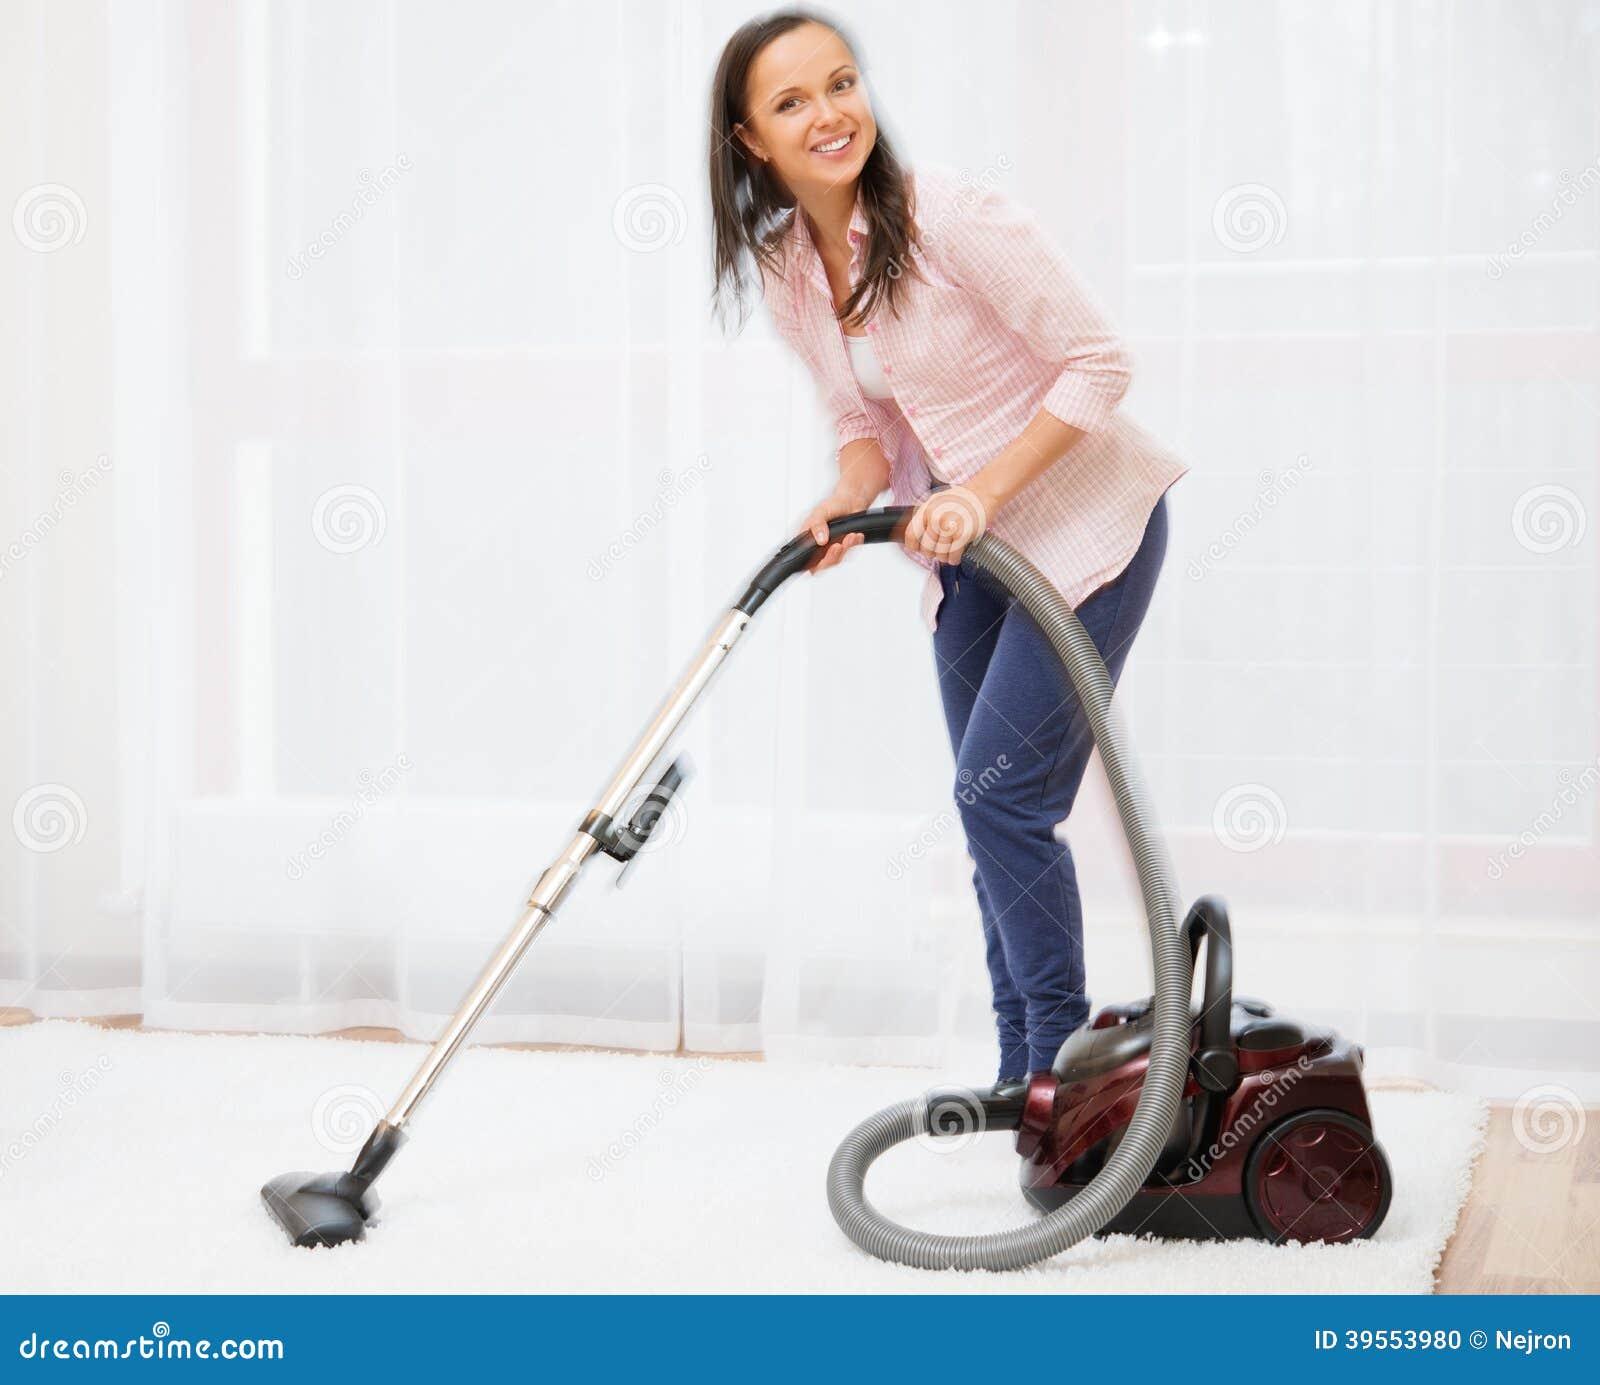 Limpiador a aspiradora mujer porno